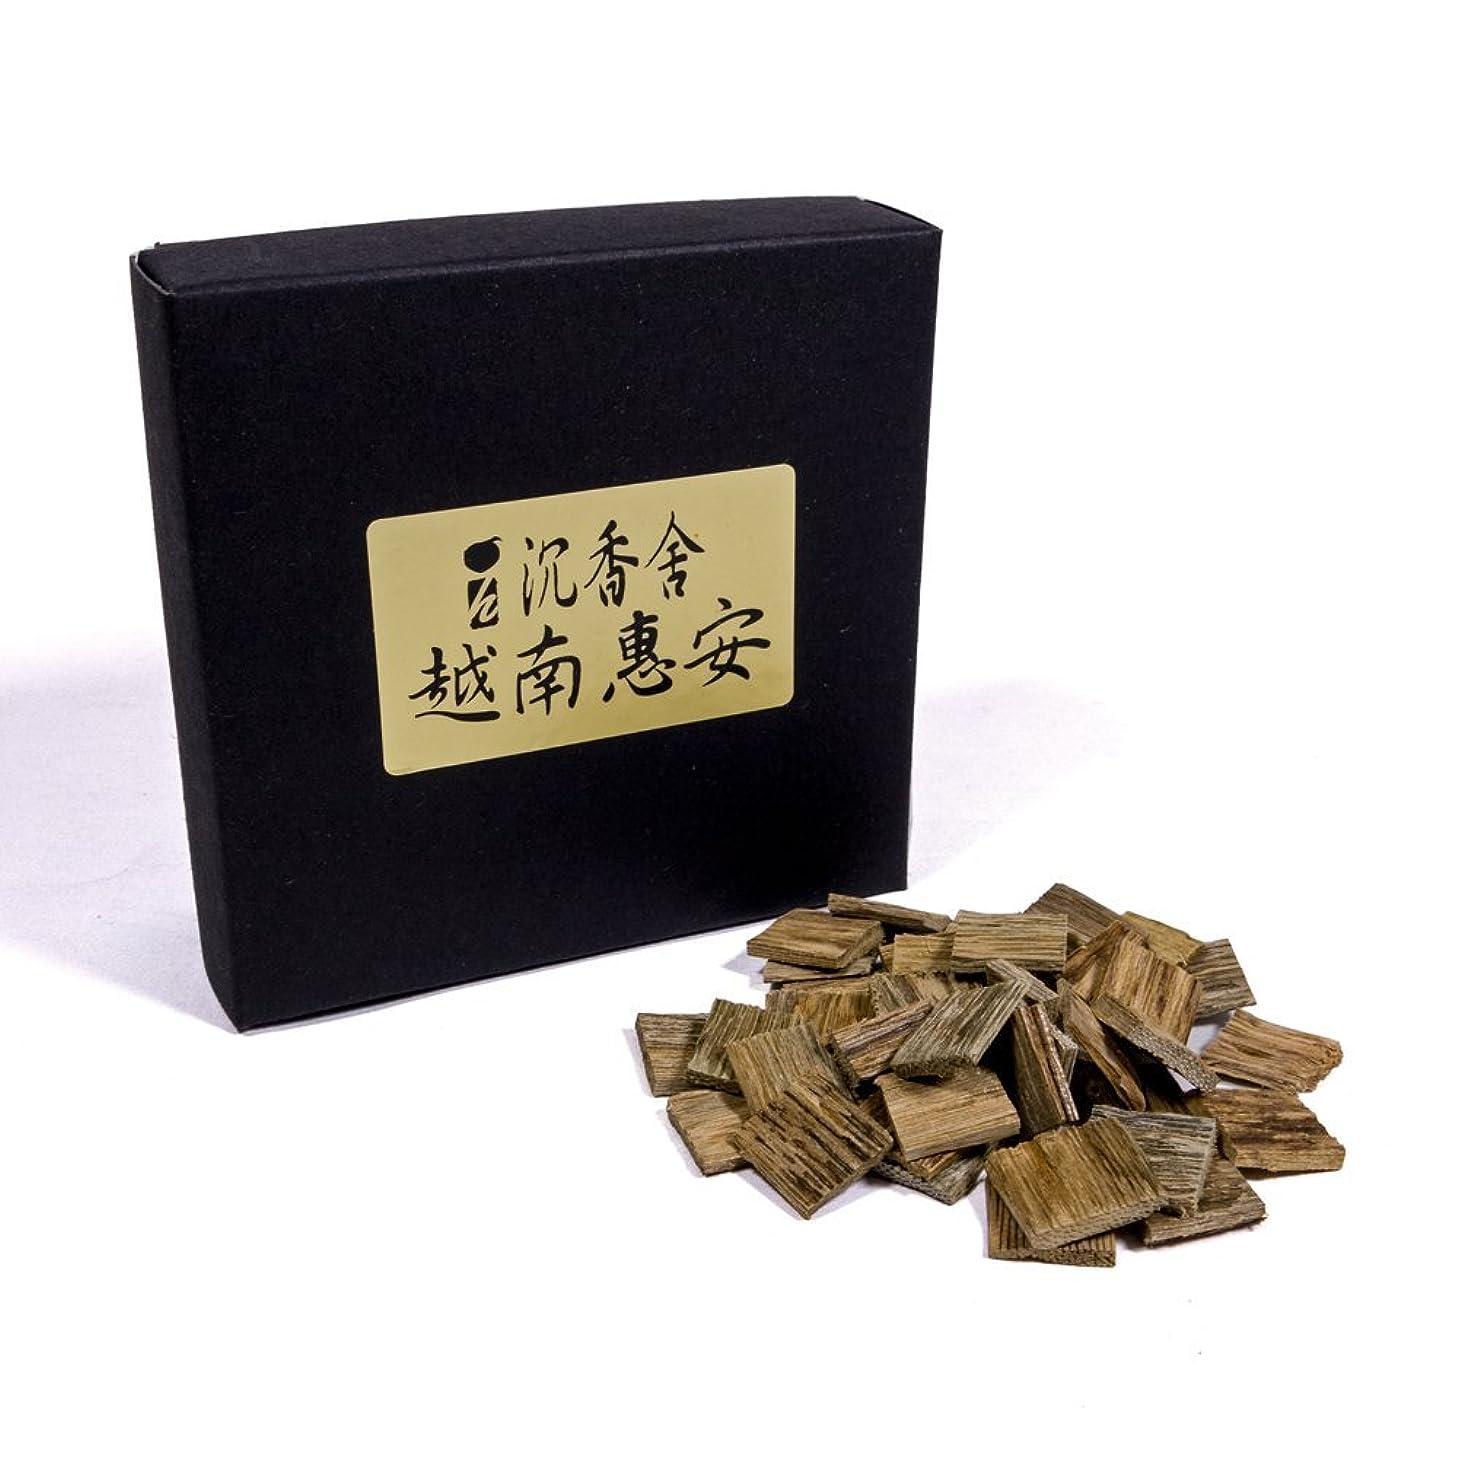 ベリ潜在的なエミュレーション越南惠安 沈香角割刻み ベトナム産 沈香 5g お香 お焼香 焼香 天然沈香香木刻み こづつ用